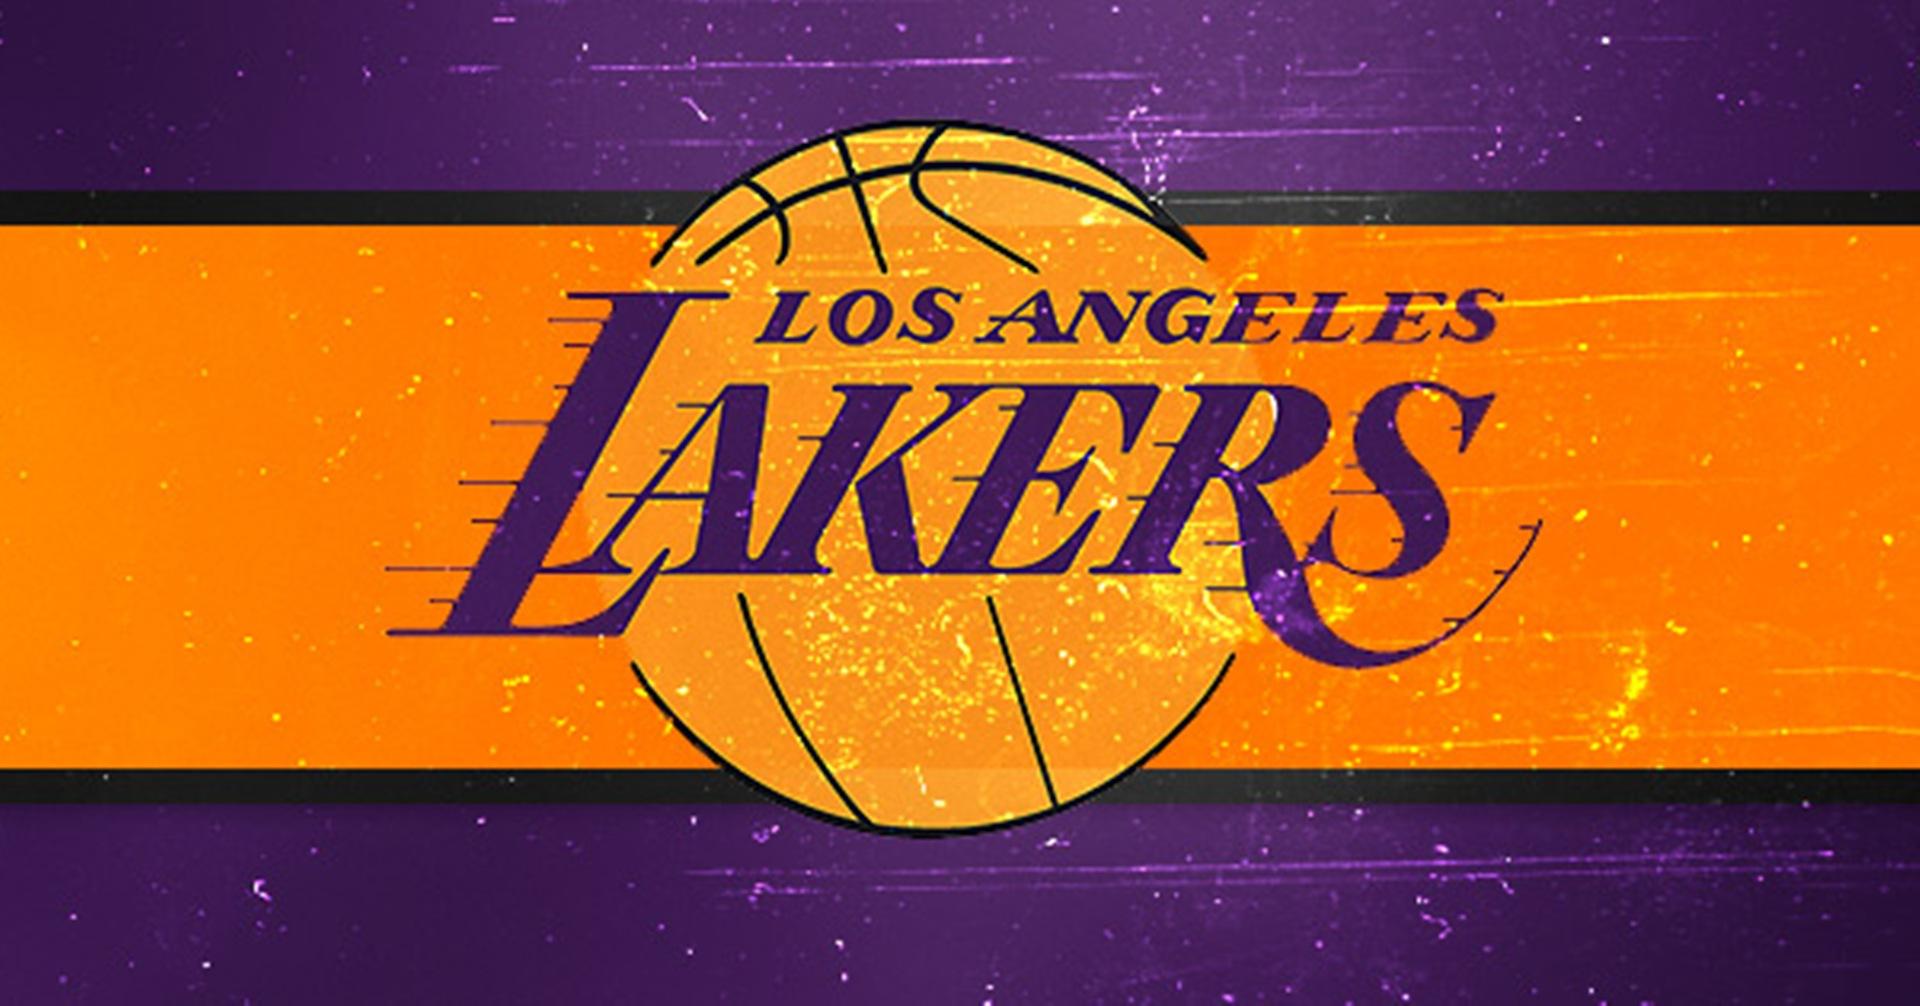 Lakers Wallpaper Hd Purple